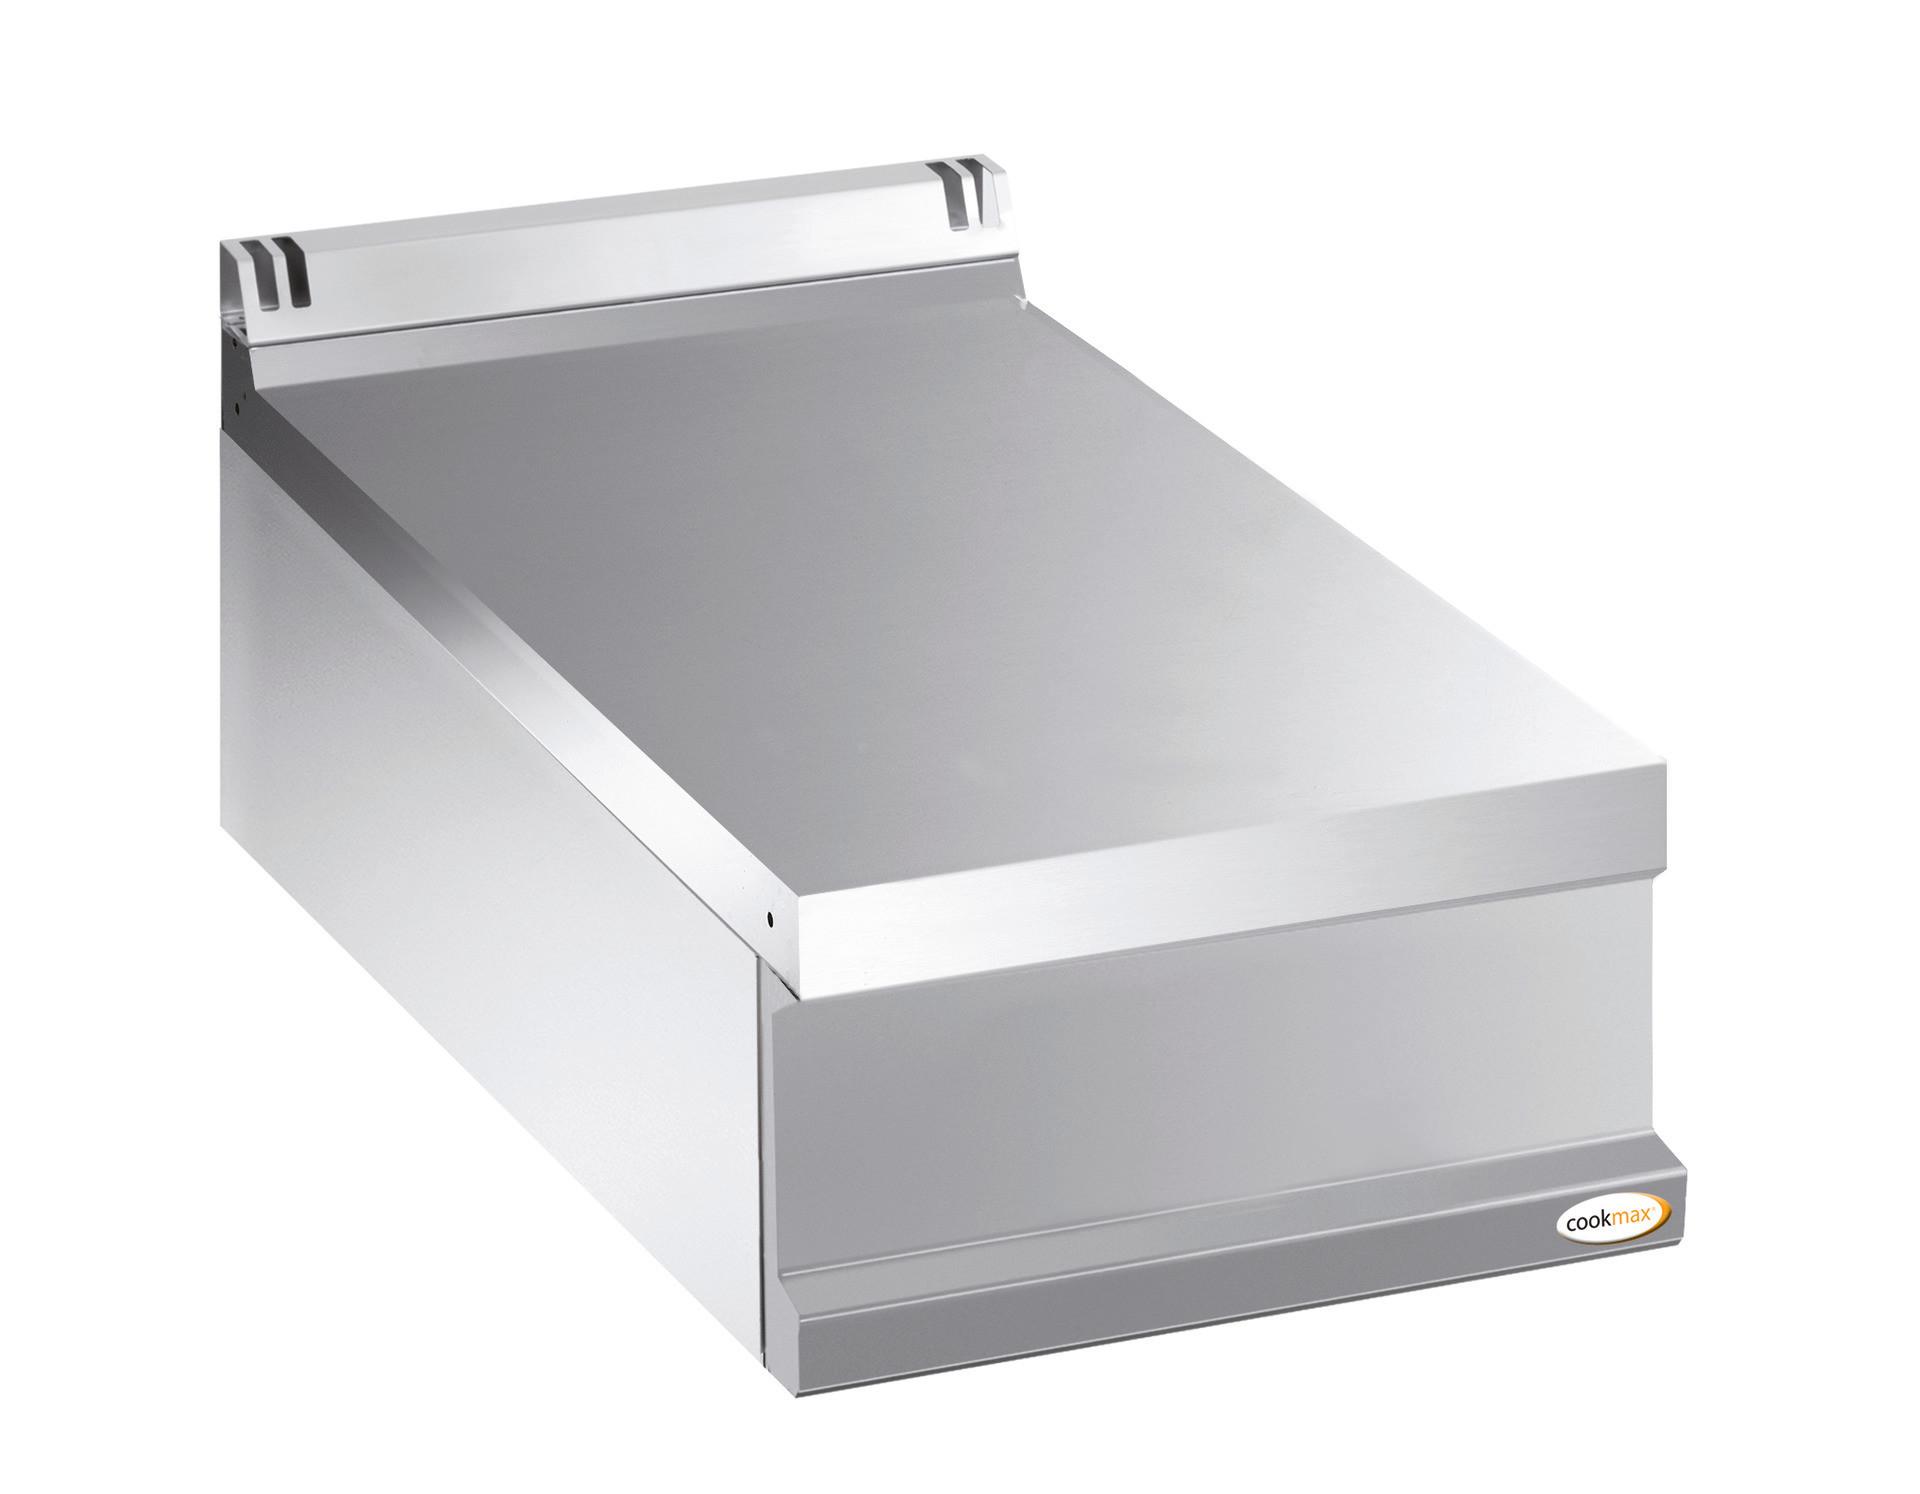 Neutralelement 400 x 700 x 250 mm ohne Schublade